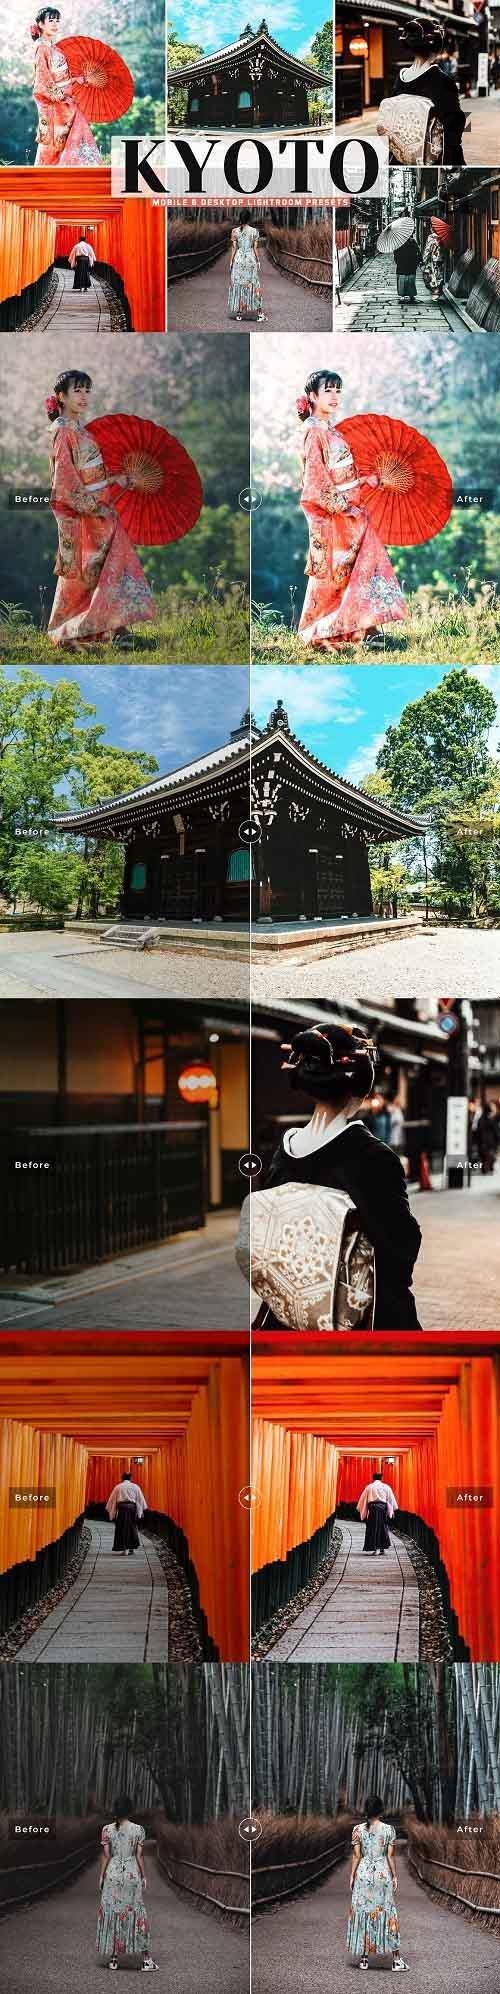 Kyoto Pro Lightroom Presets - 5539763 - Mobile & Desktop